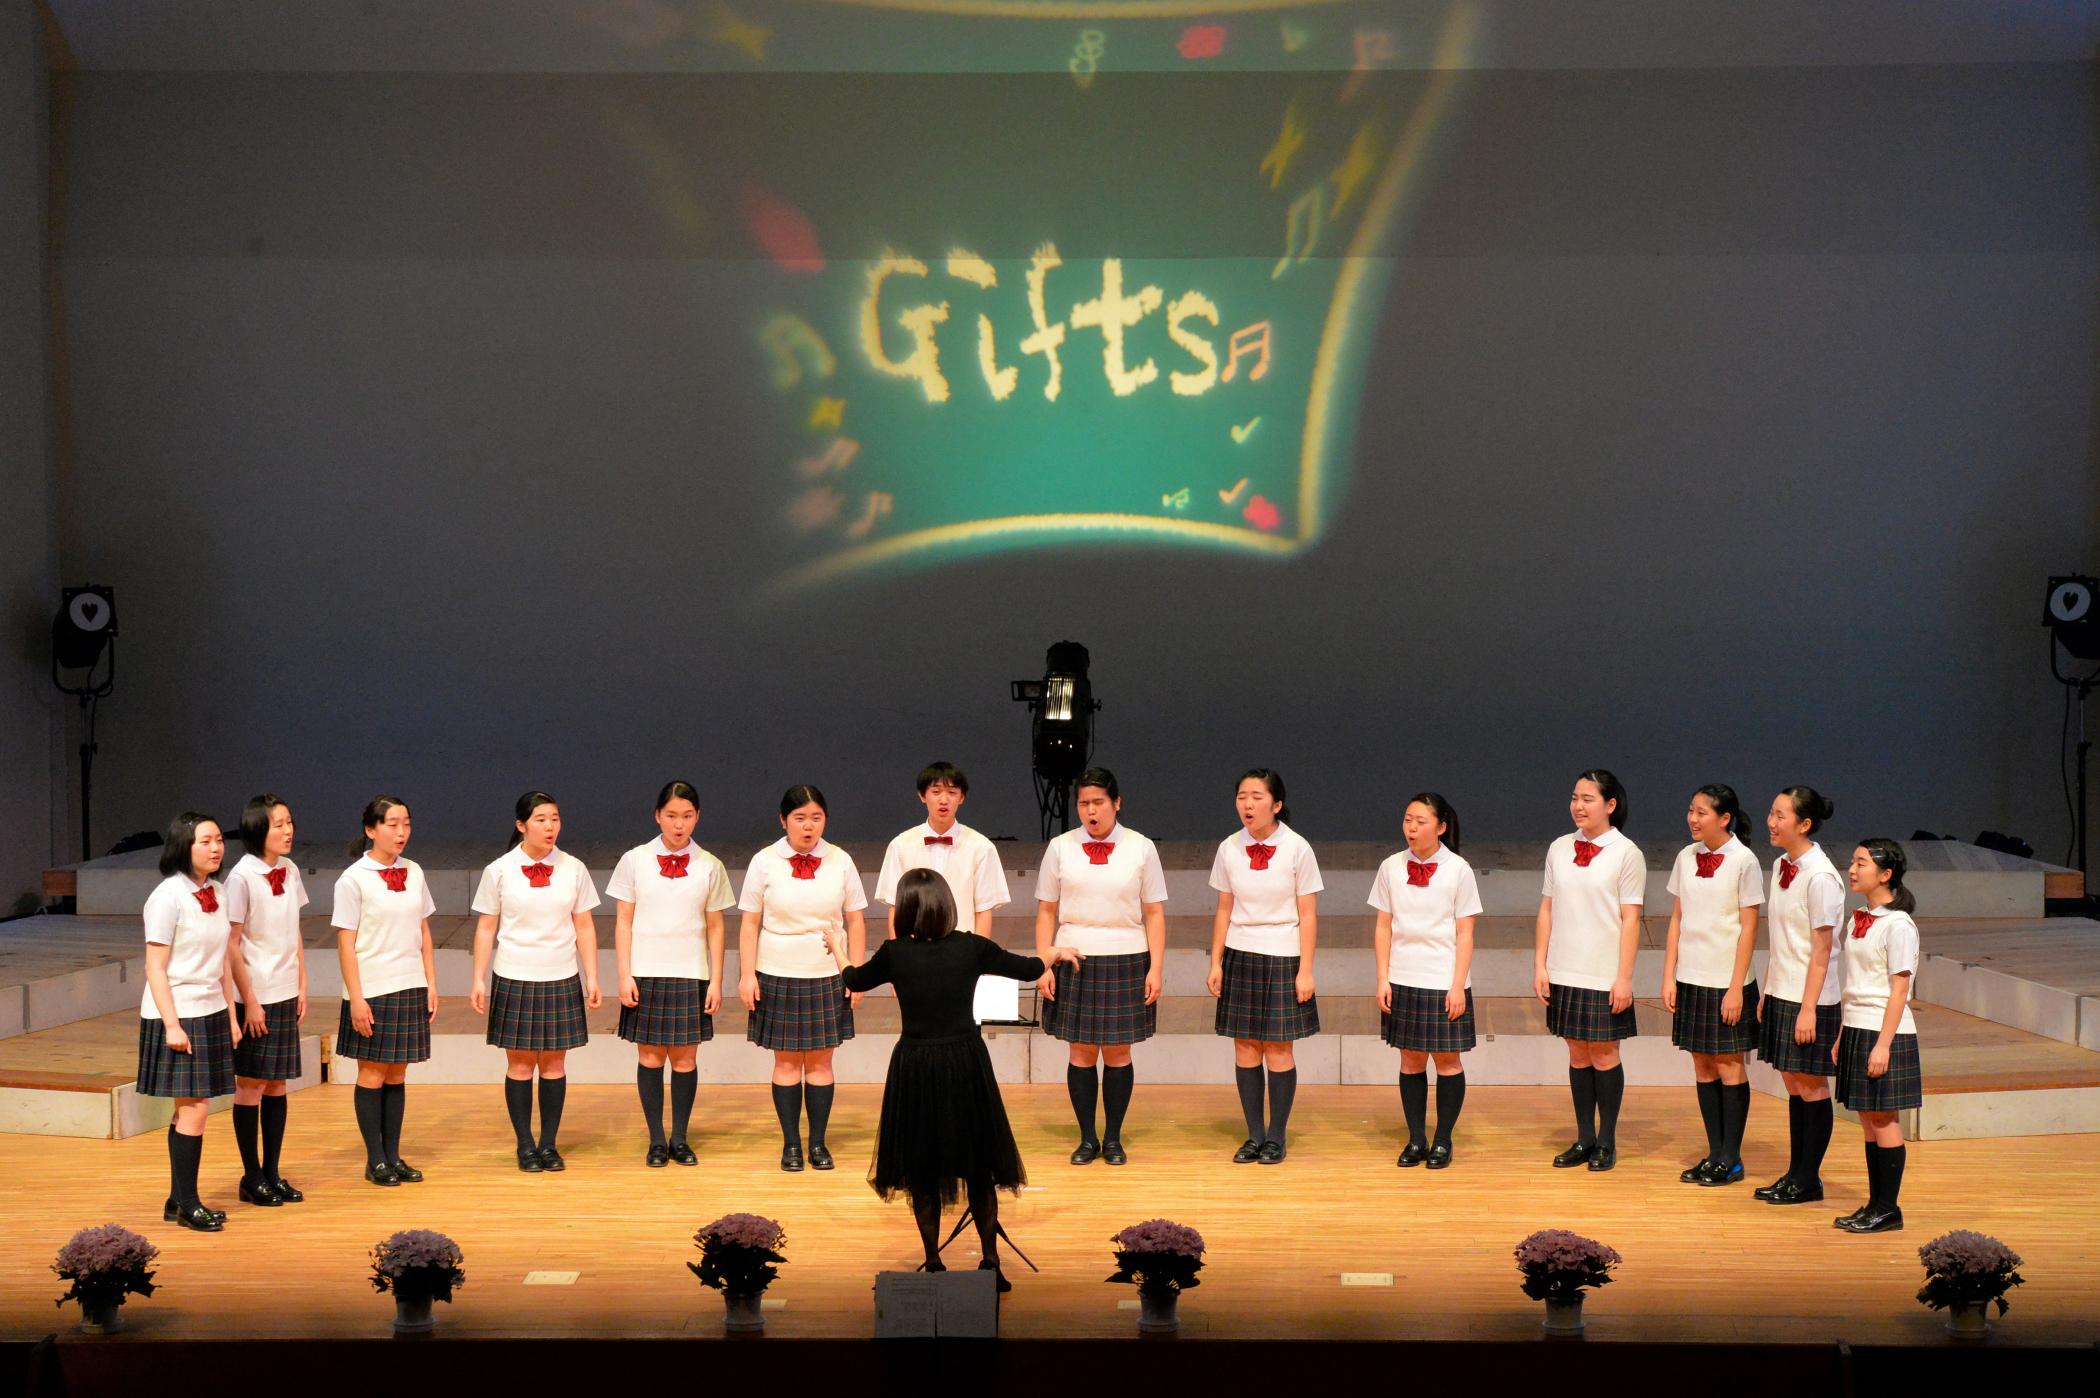 第6回定期演奏会Jチーム「Gifts」